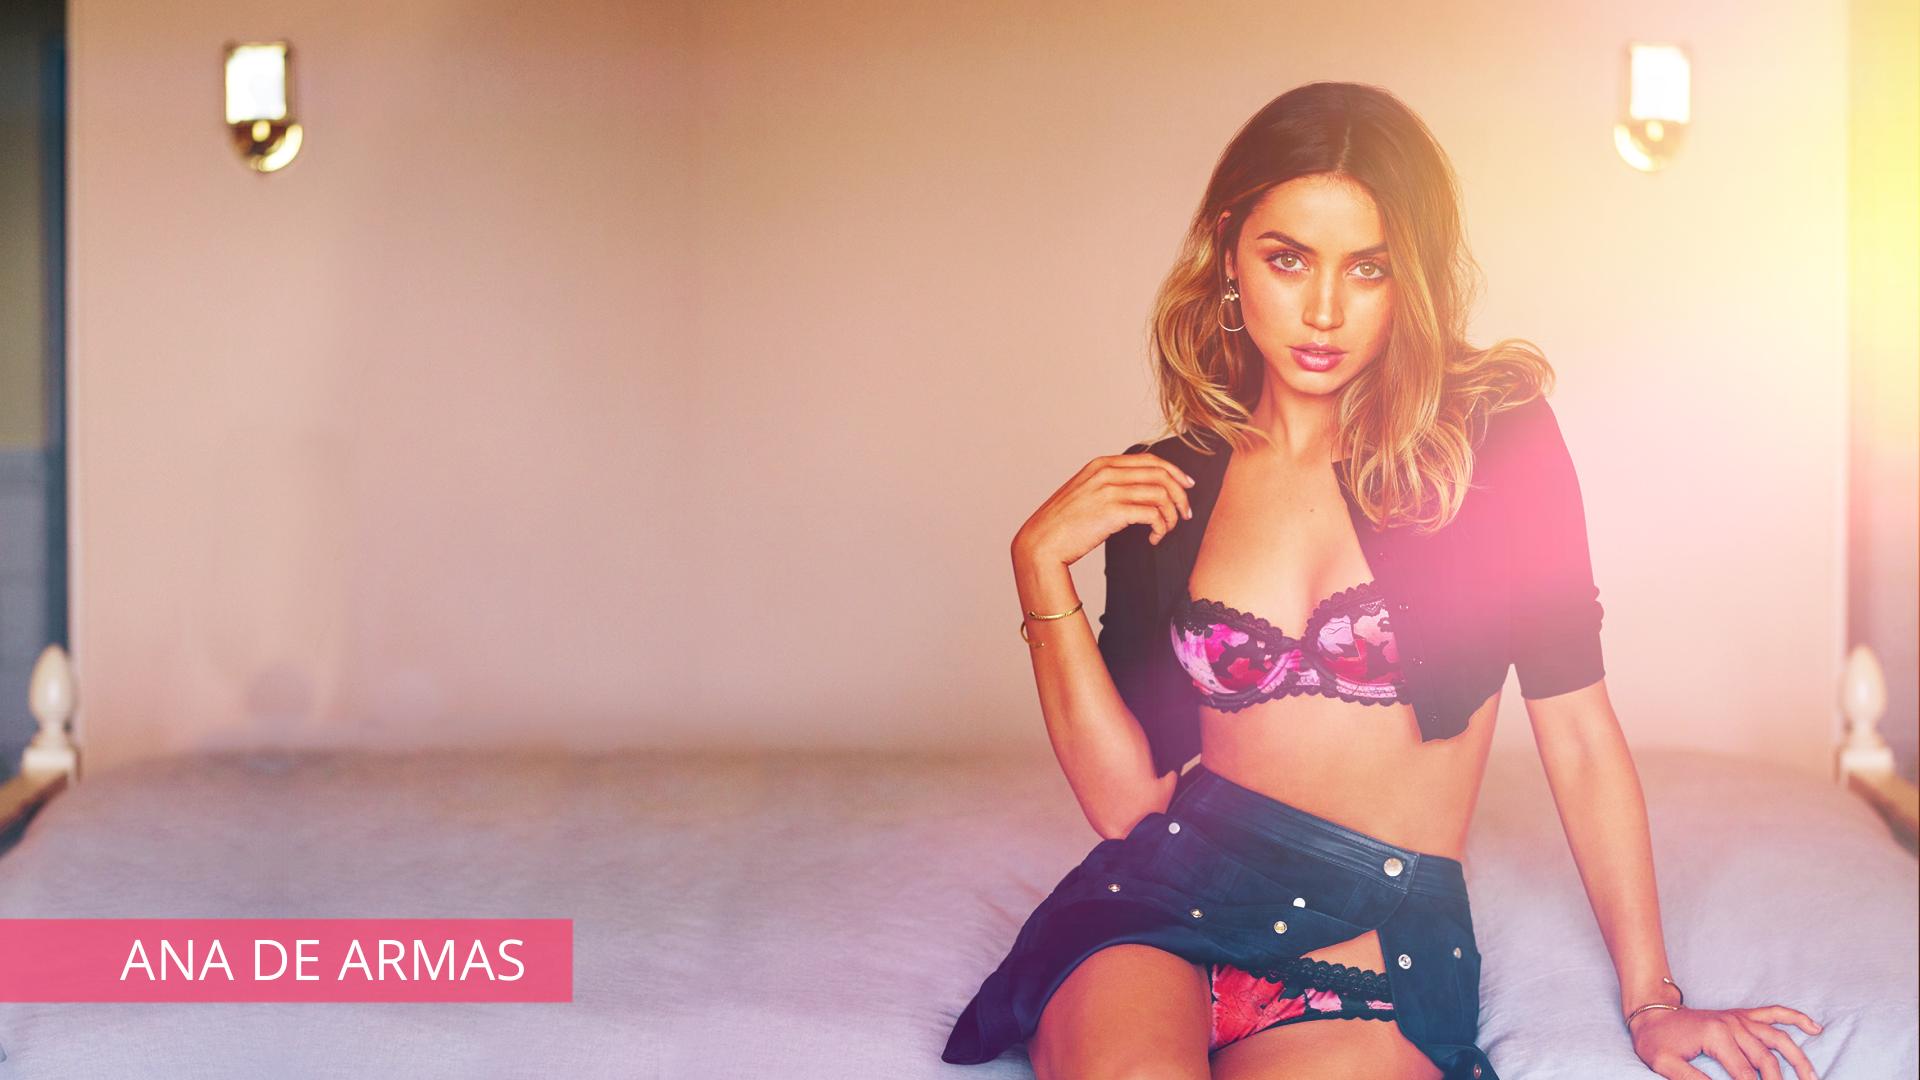 Ana De Armas Boobs wallpaper : hot, woman, sexy, lingerie, underwear, actress